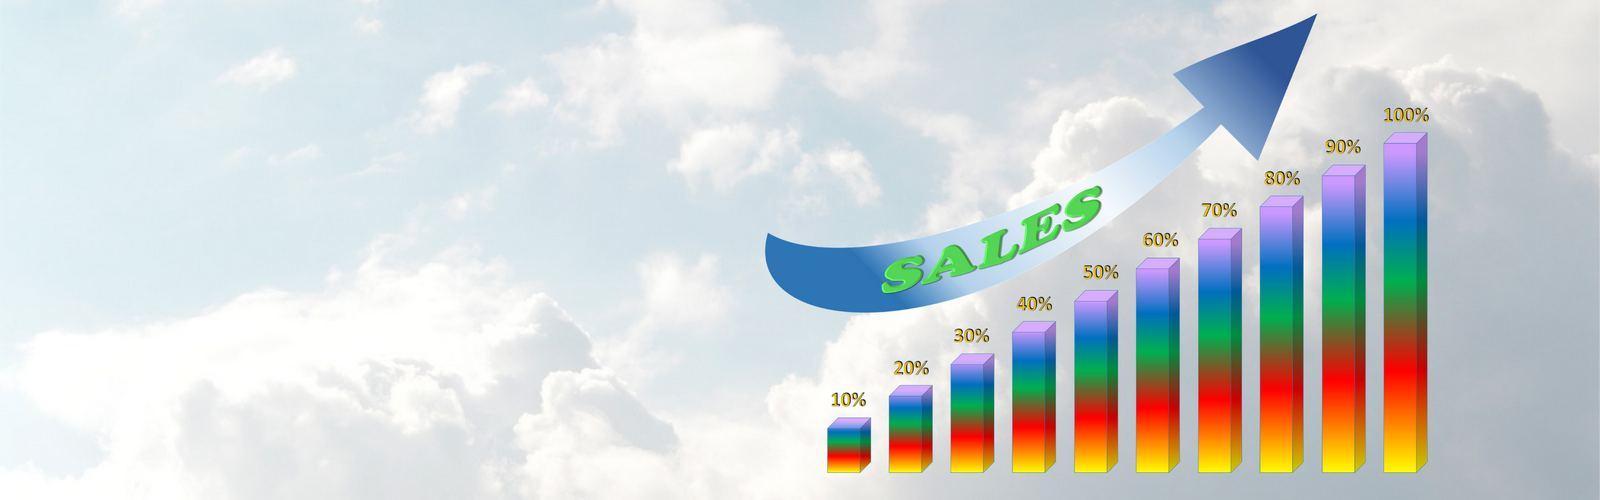 Aumentare vendite e fatturato